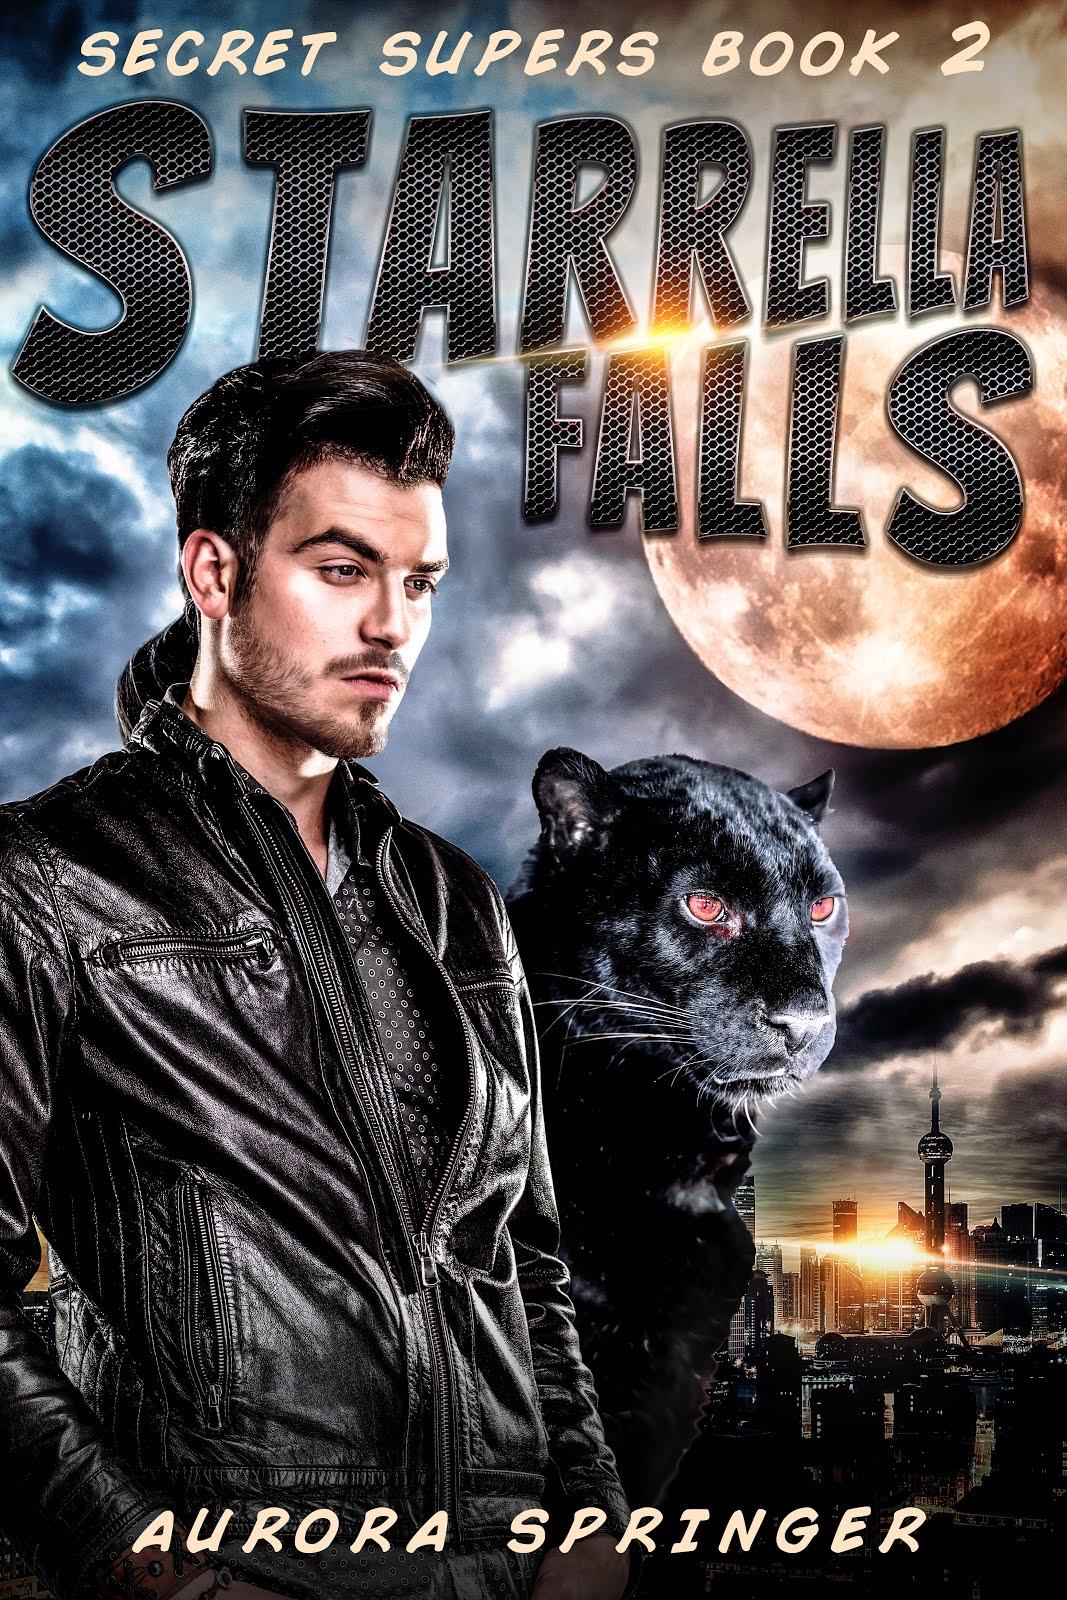 Starrella Falls, Book 2